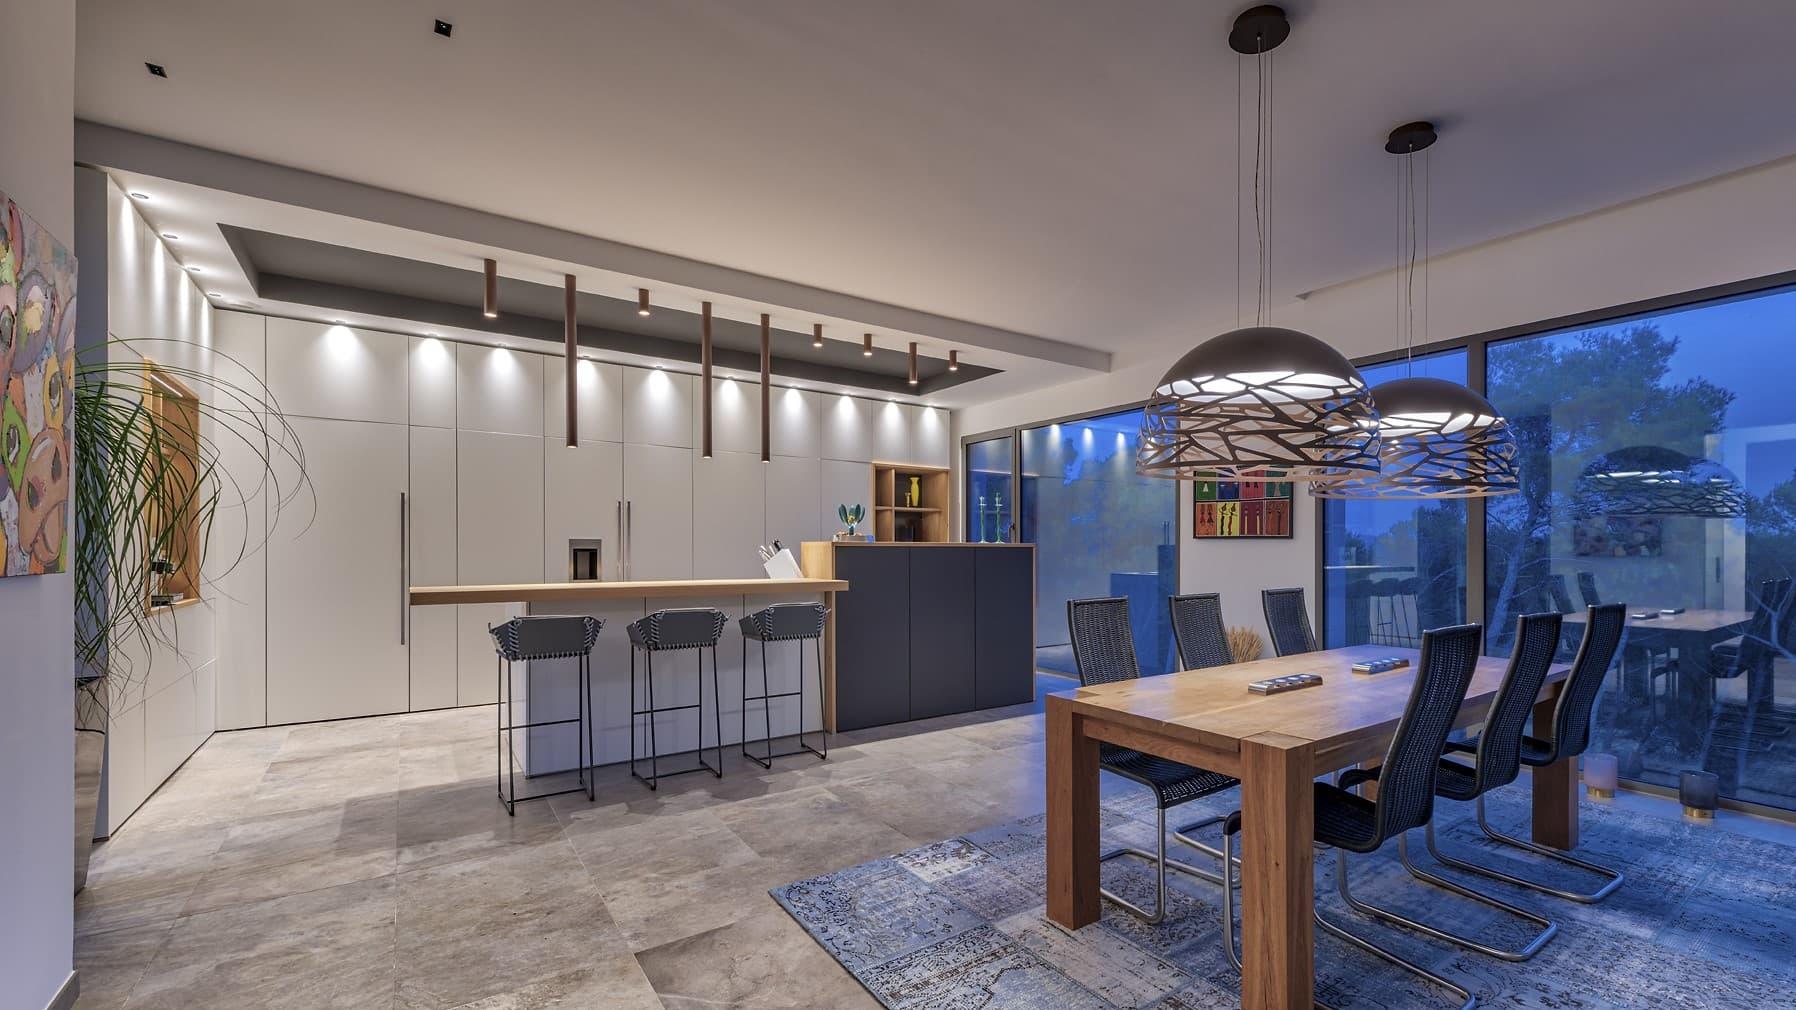 Salle à manger et cuisine de la villa omega avec des suspensions organiques